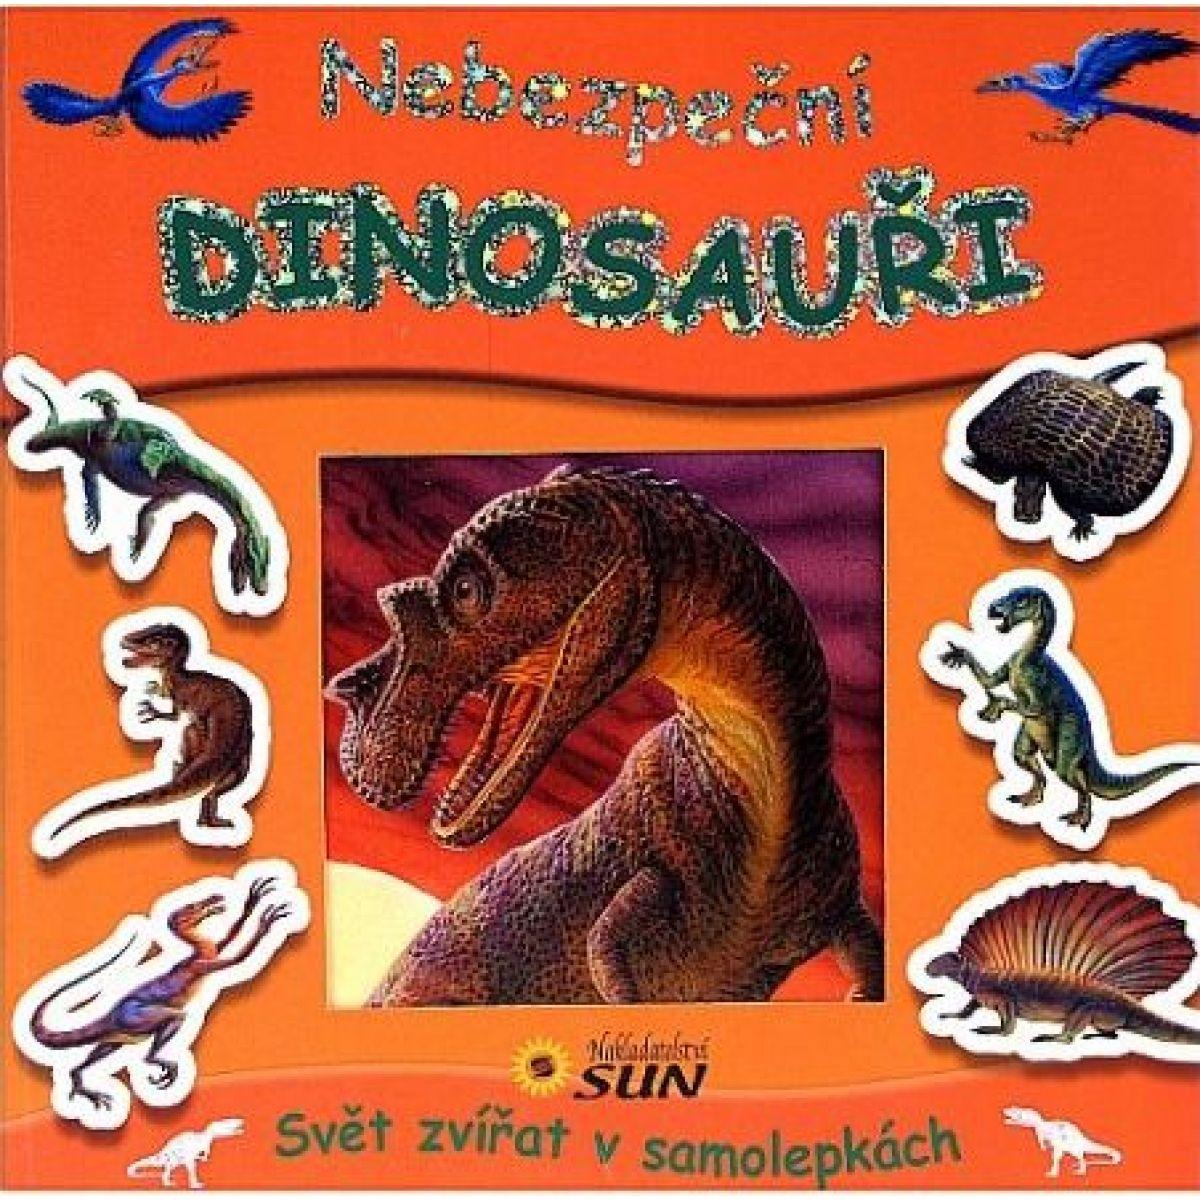 Sun Nebezpeční dinosauři Svět zvířat v samolepkách